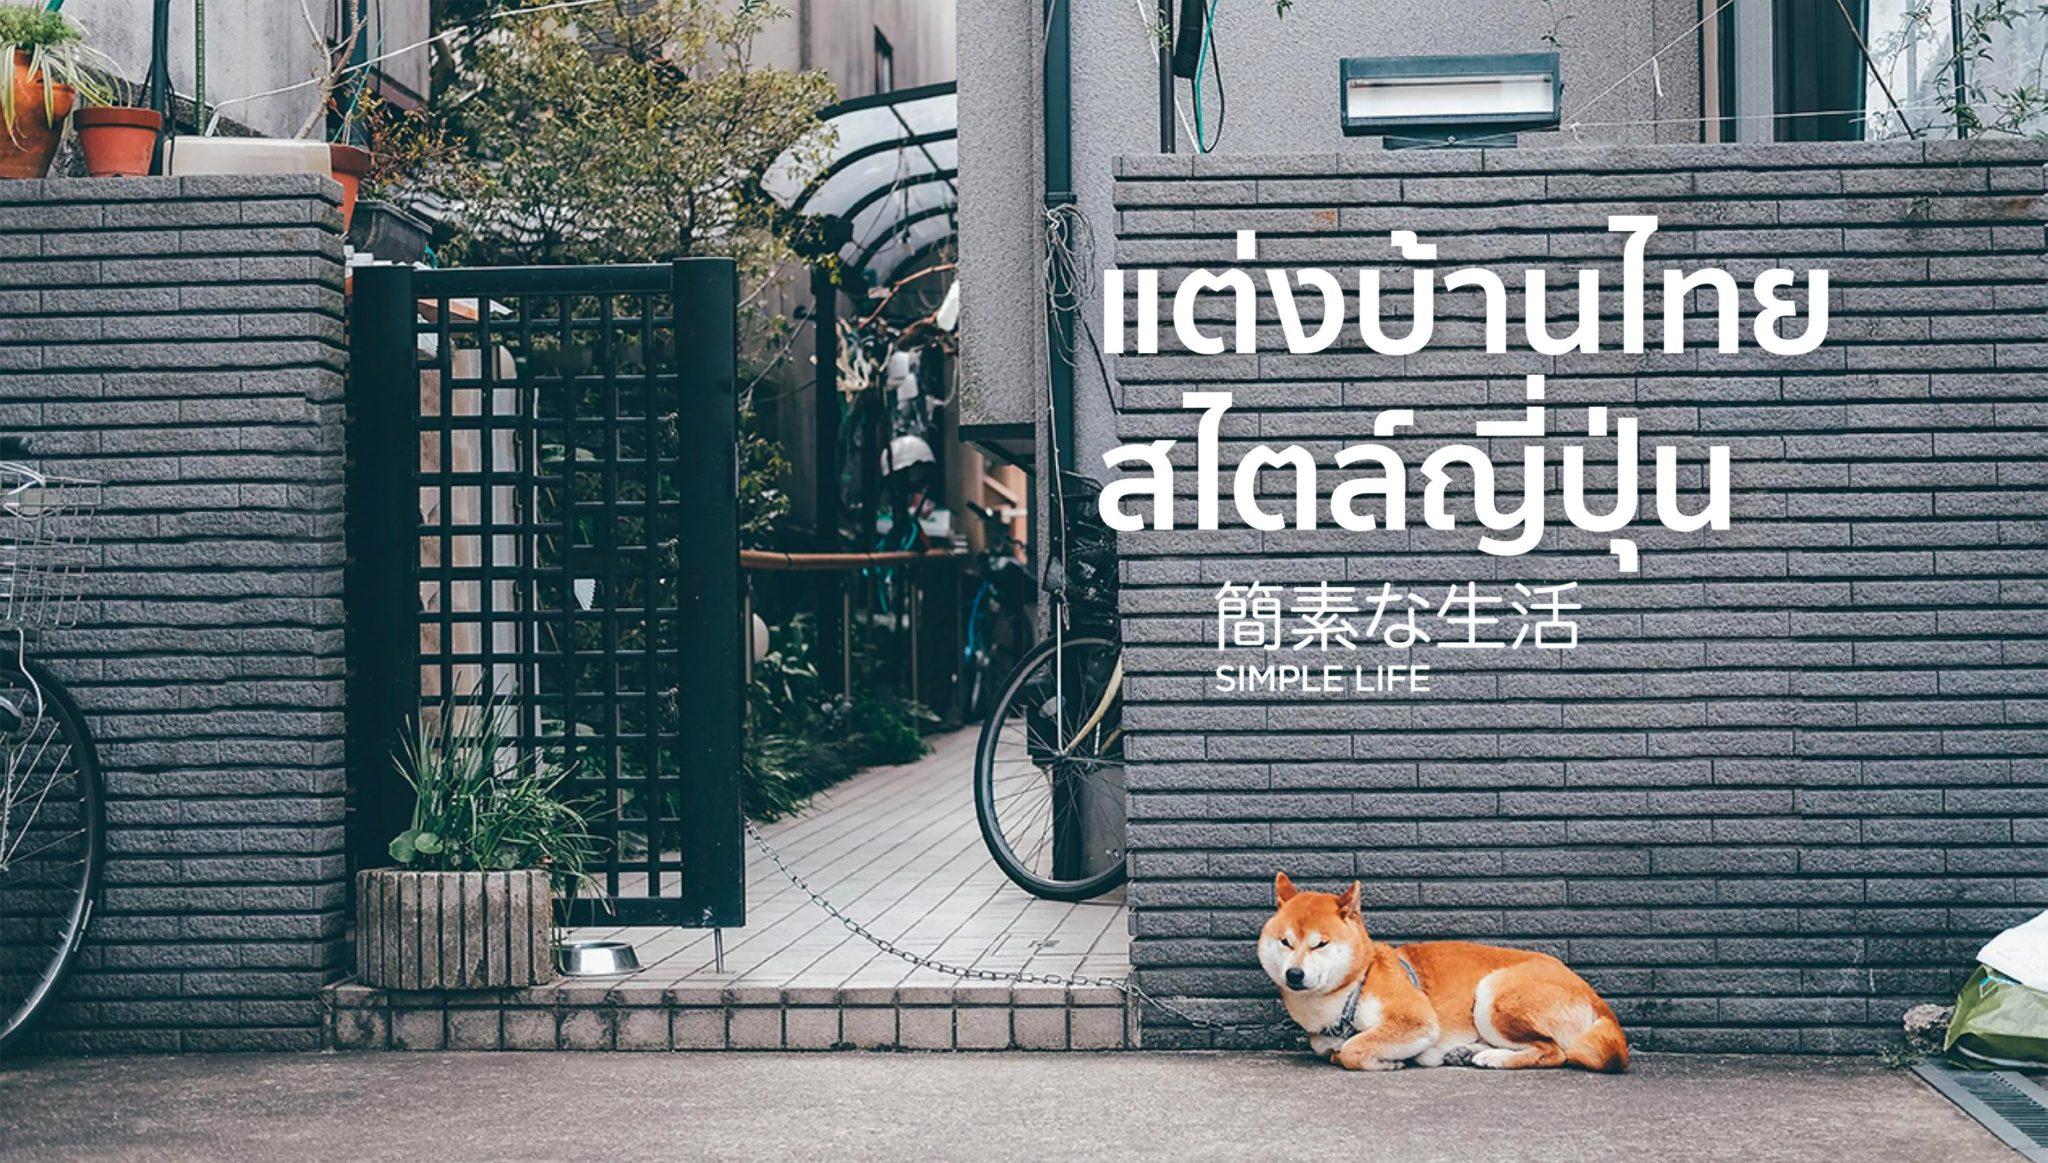 10 ไอเดียแต่งบ้านสไตล์ญี่ปุ่น เปลี่ยนบ้านไทยและคอนโดในกรุงเทพให้เหมือนอยู่ TOKYO-OSAKA 13 - Highlight